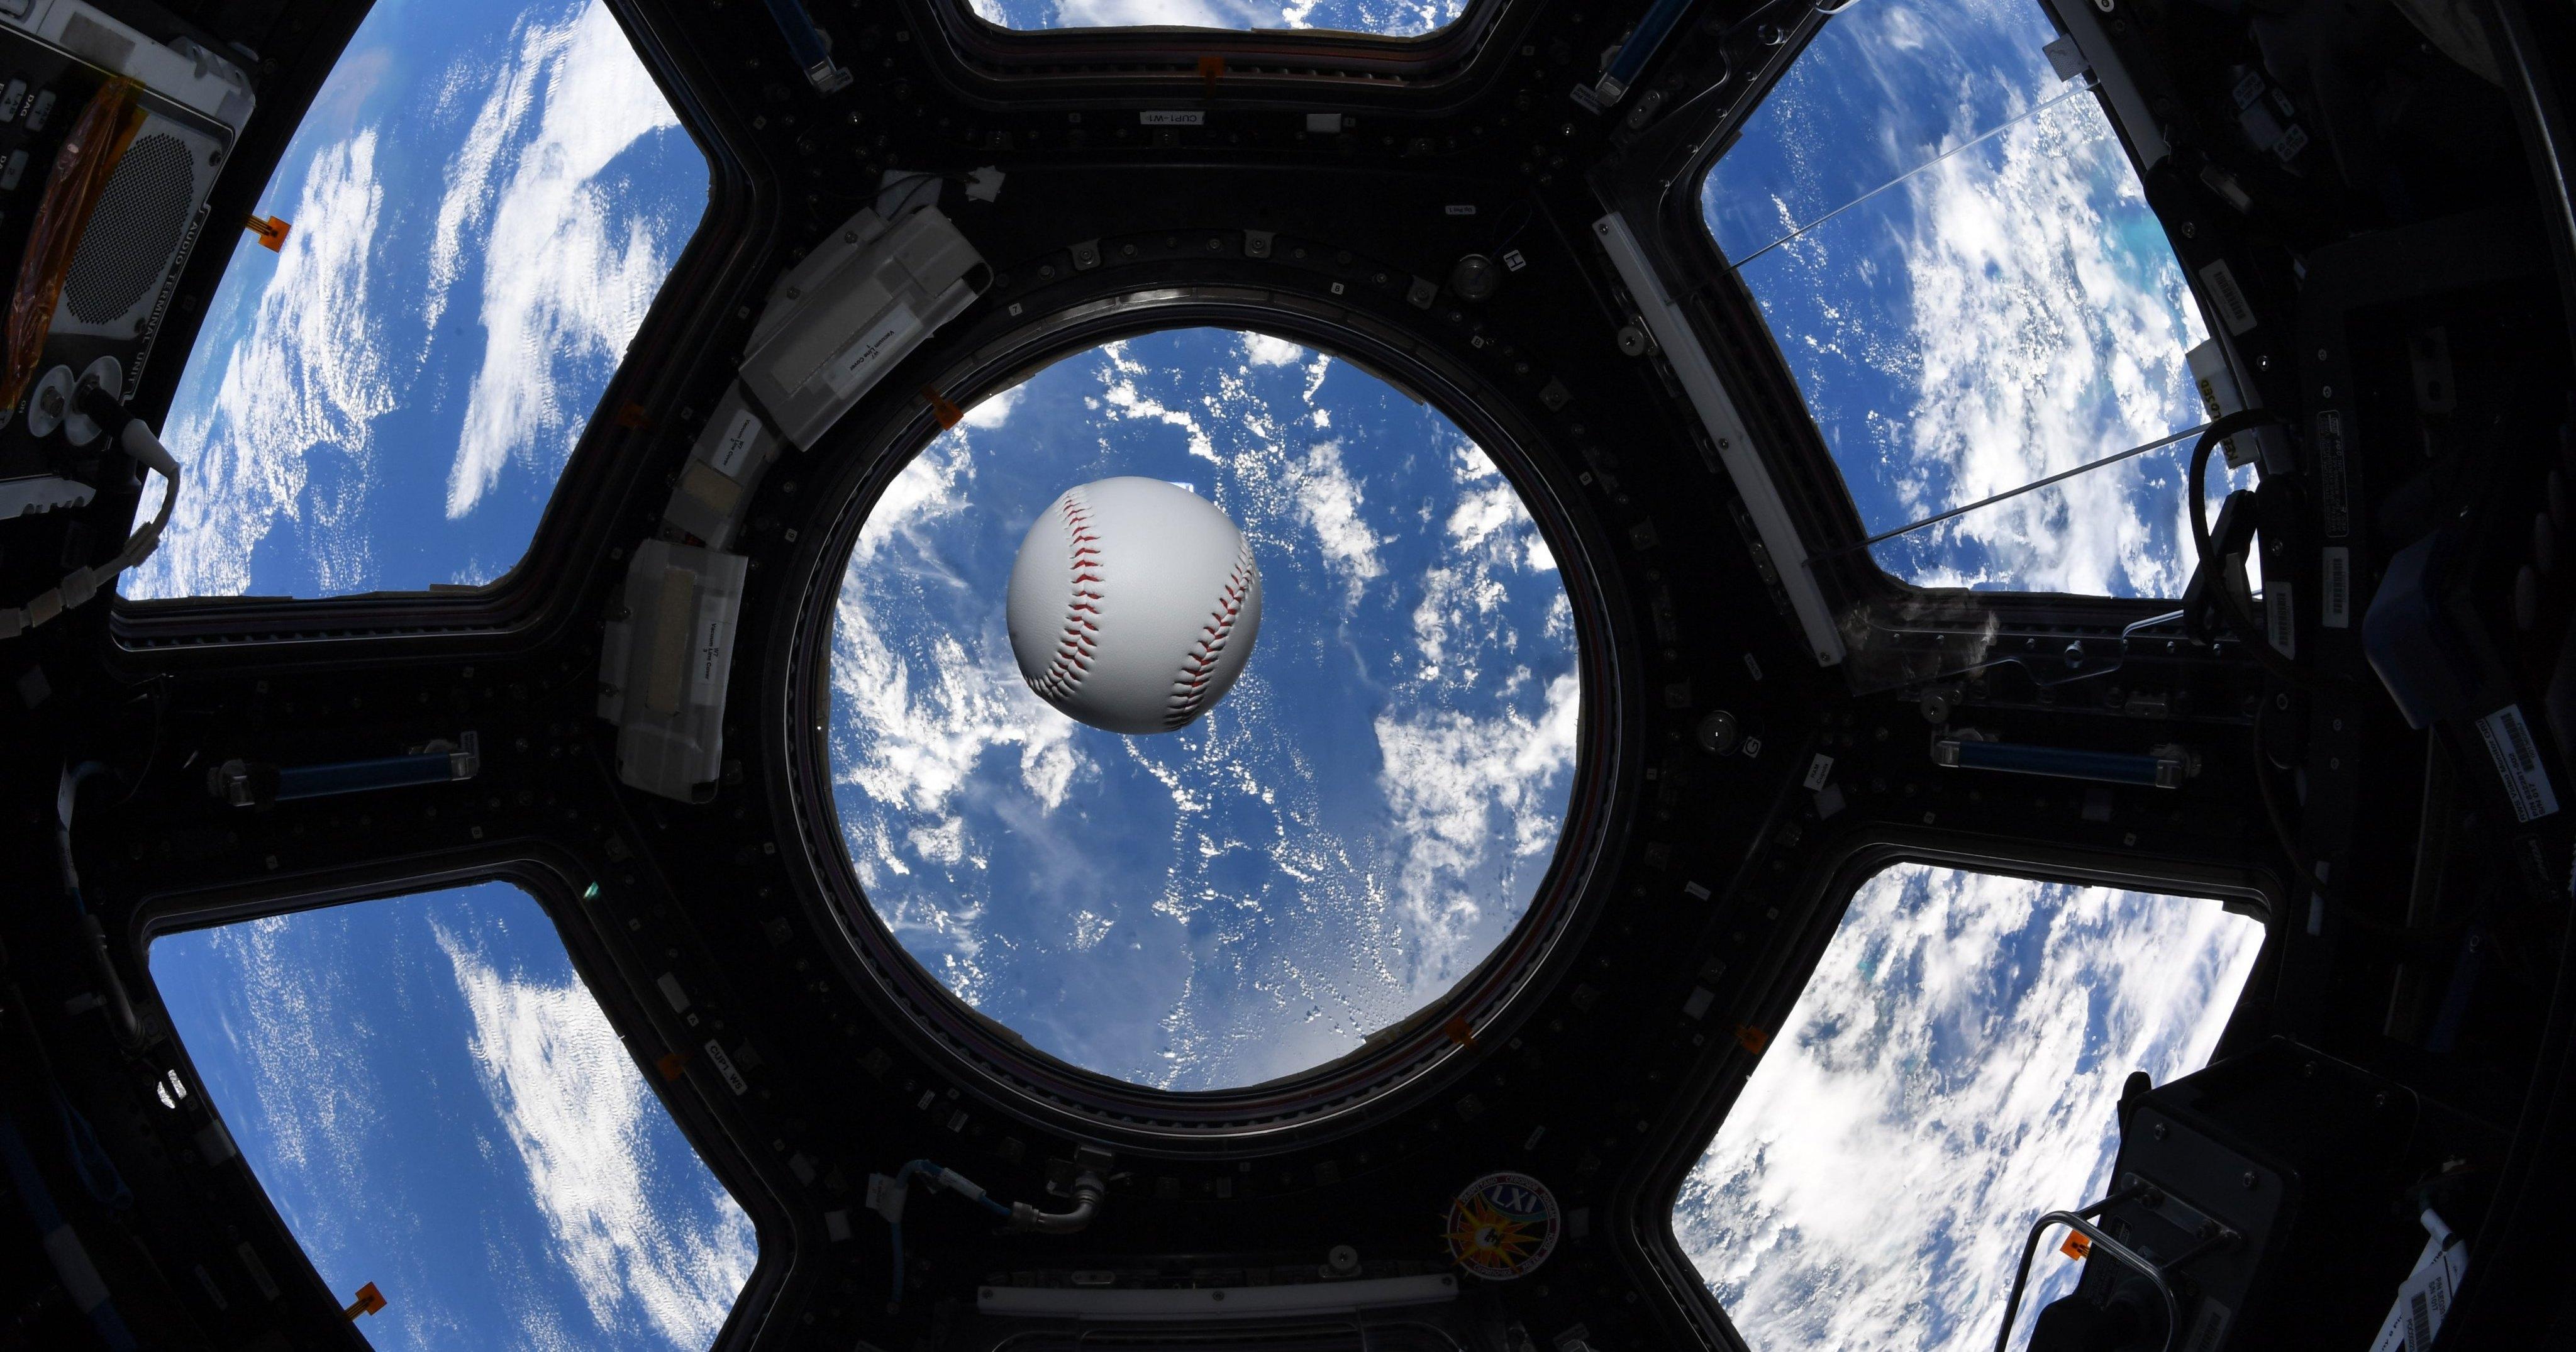 28 000 км/ч: бейсбольный мяч подали с рекордной скоростью